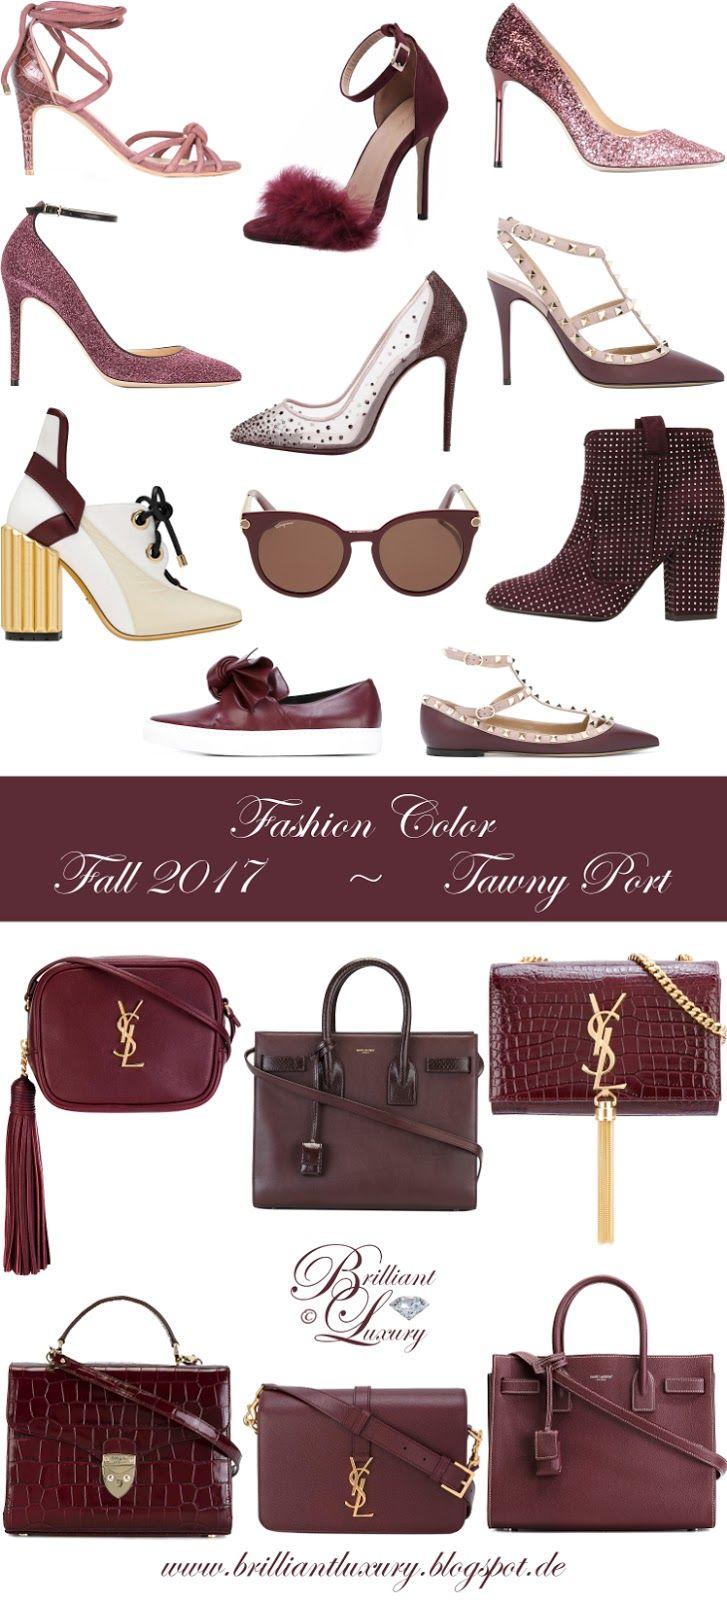 Brilliant Luxury by Emmy DE ♦ Fashion Color Fall 2017 ~ Tawny Port